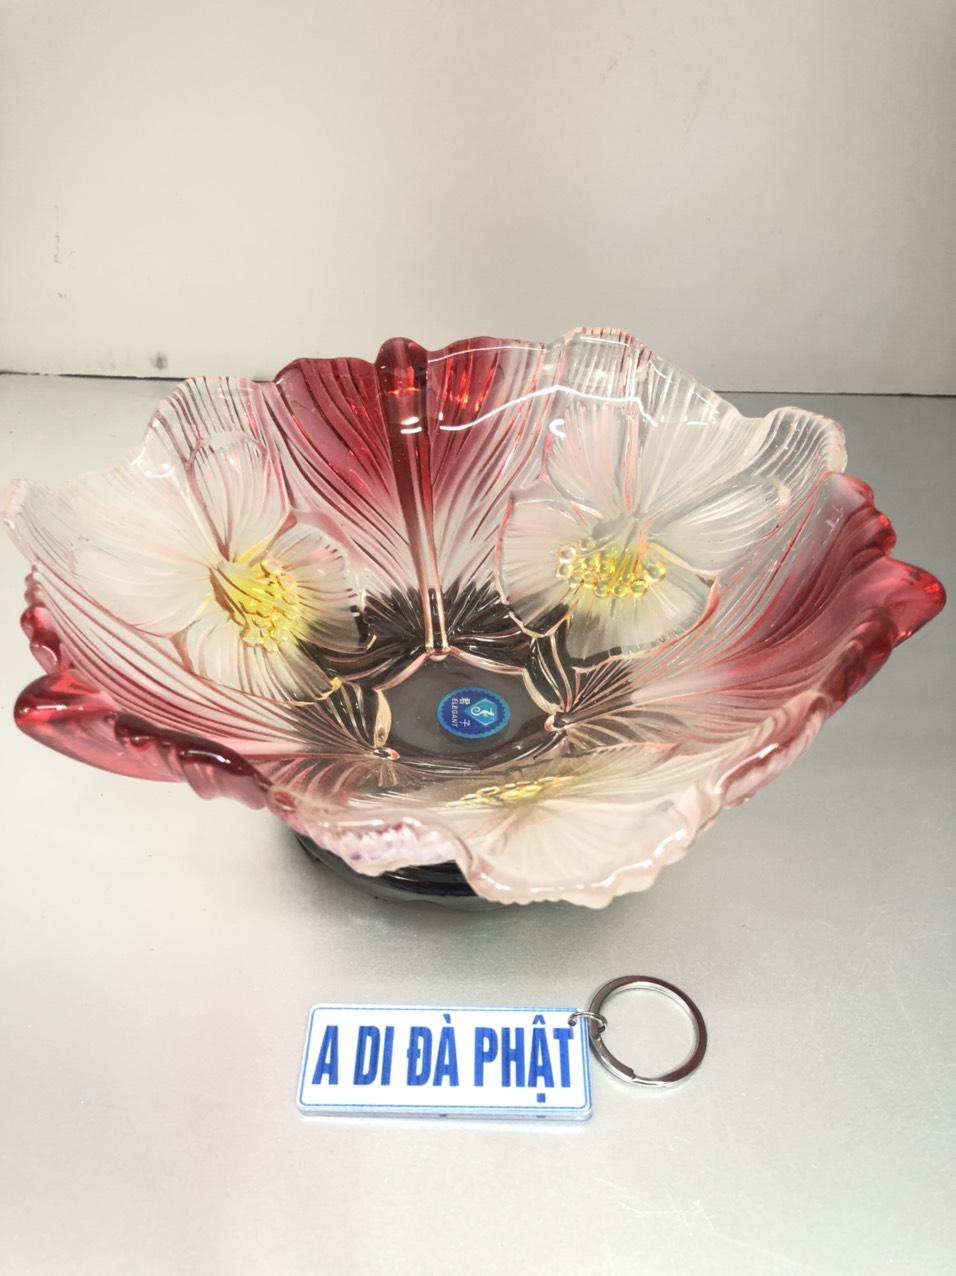 Bát thả Cúng hoa thuỷ tinh, dành cho ban thờ thần tài ( tặng kèm đế gỗ và móc chìa khoá A DI ĐÀ PHẬT, cầu  bình an ) - TL266